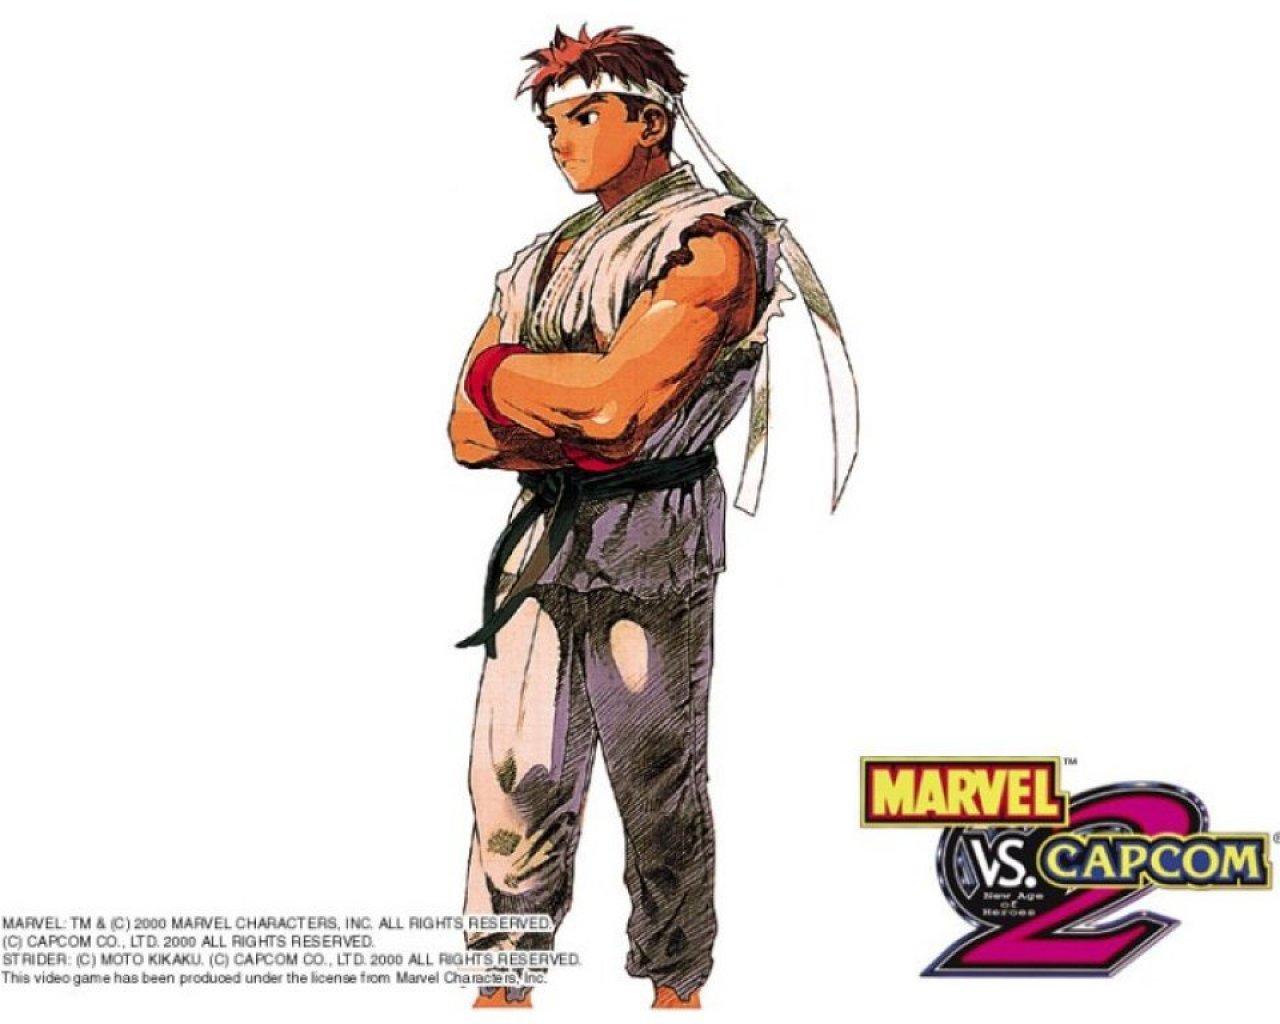 Marvel Vs Capcom Wallpapers Download Marvel Vs Capcom